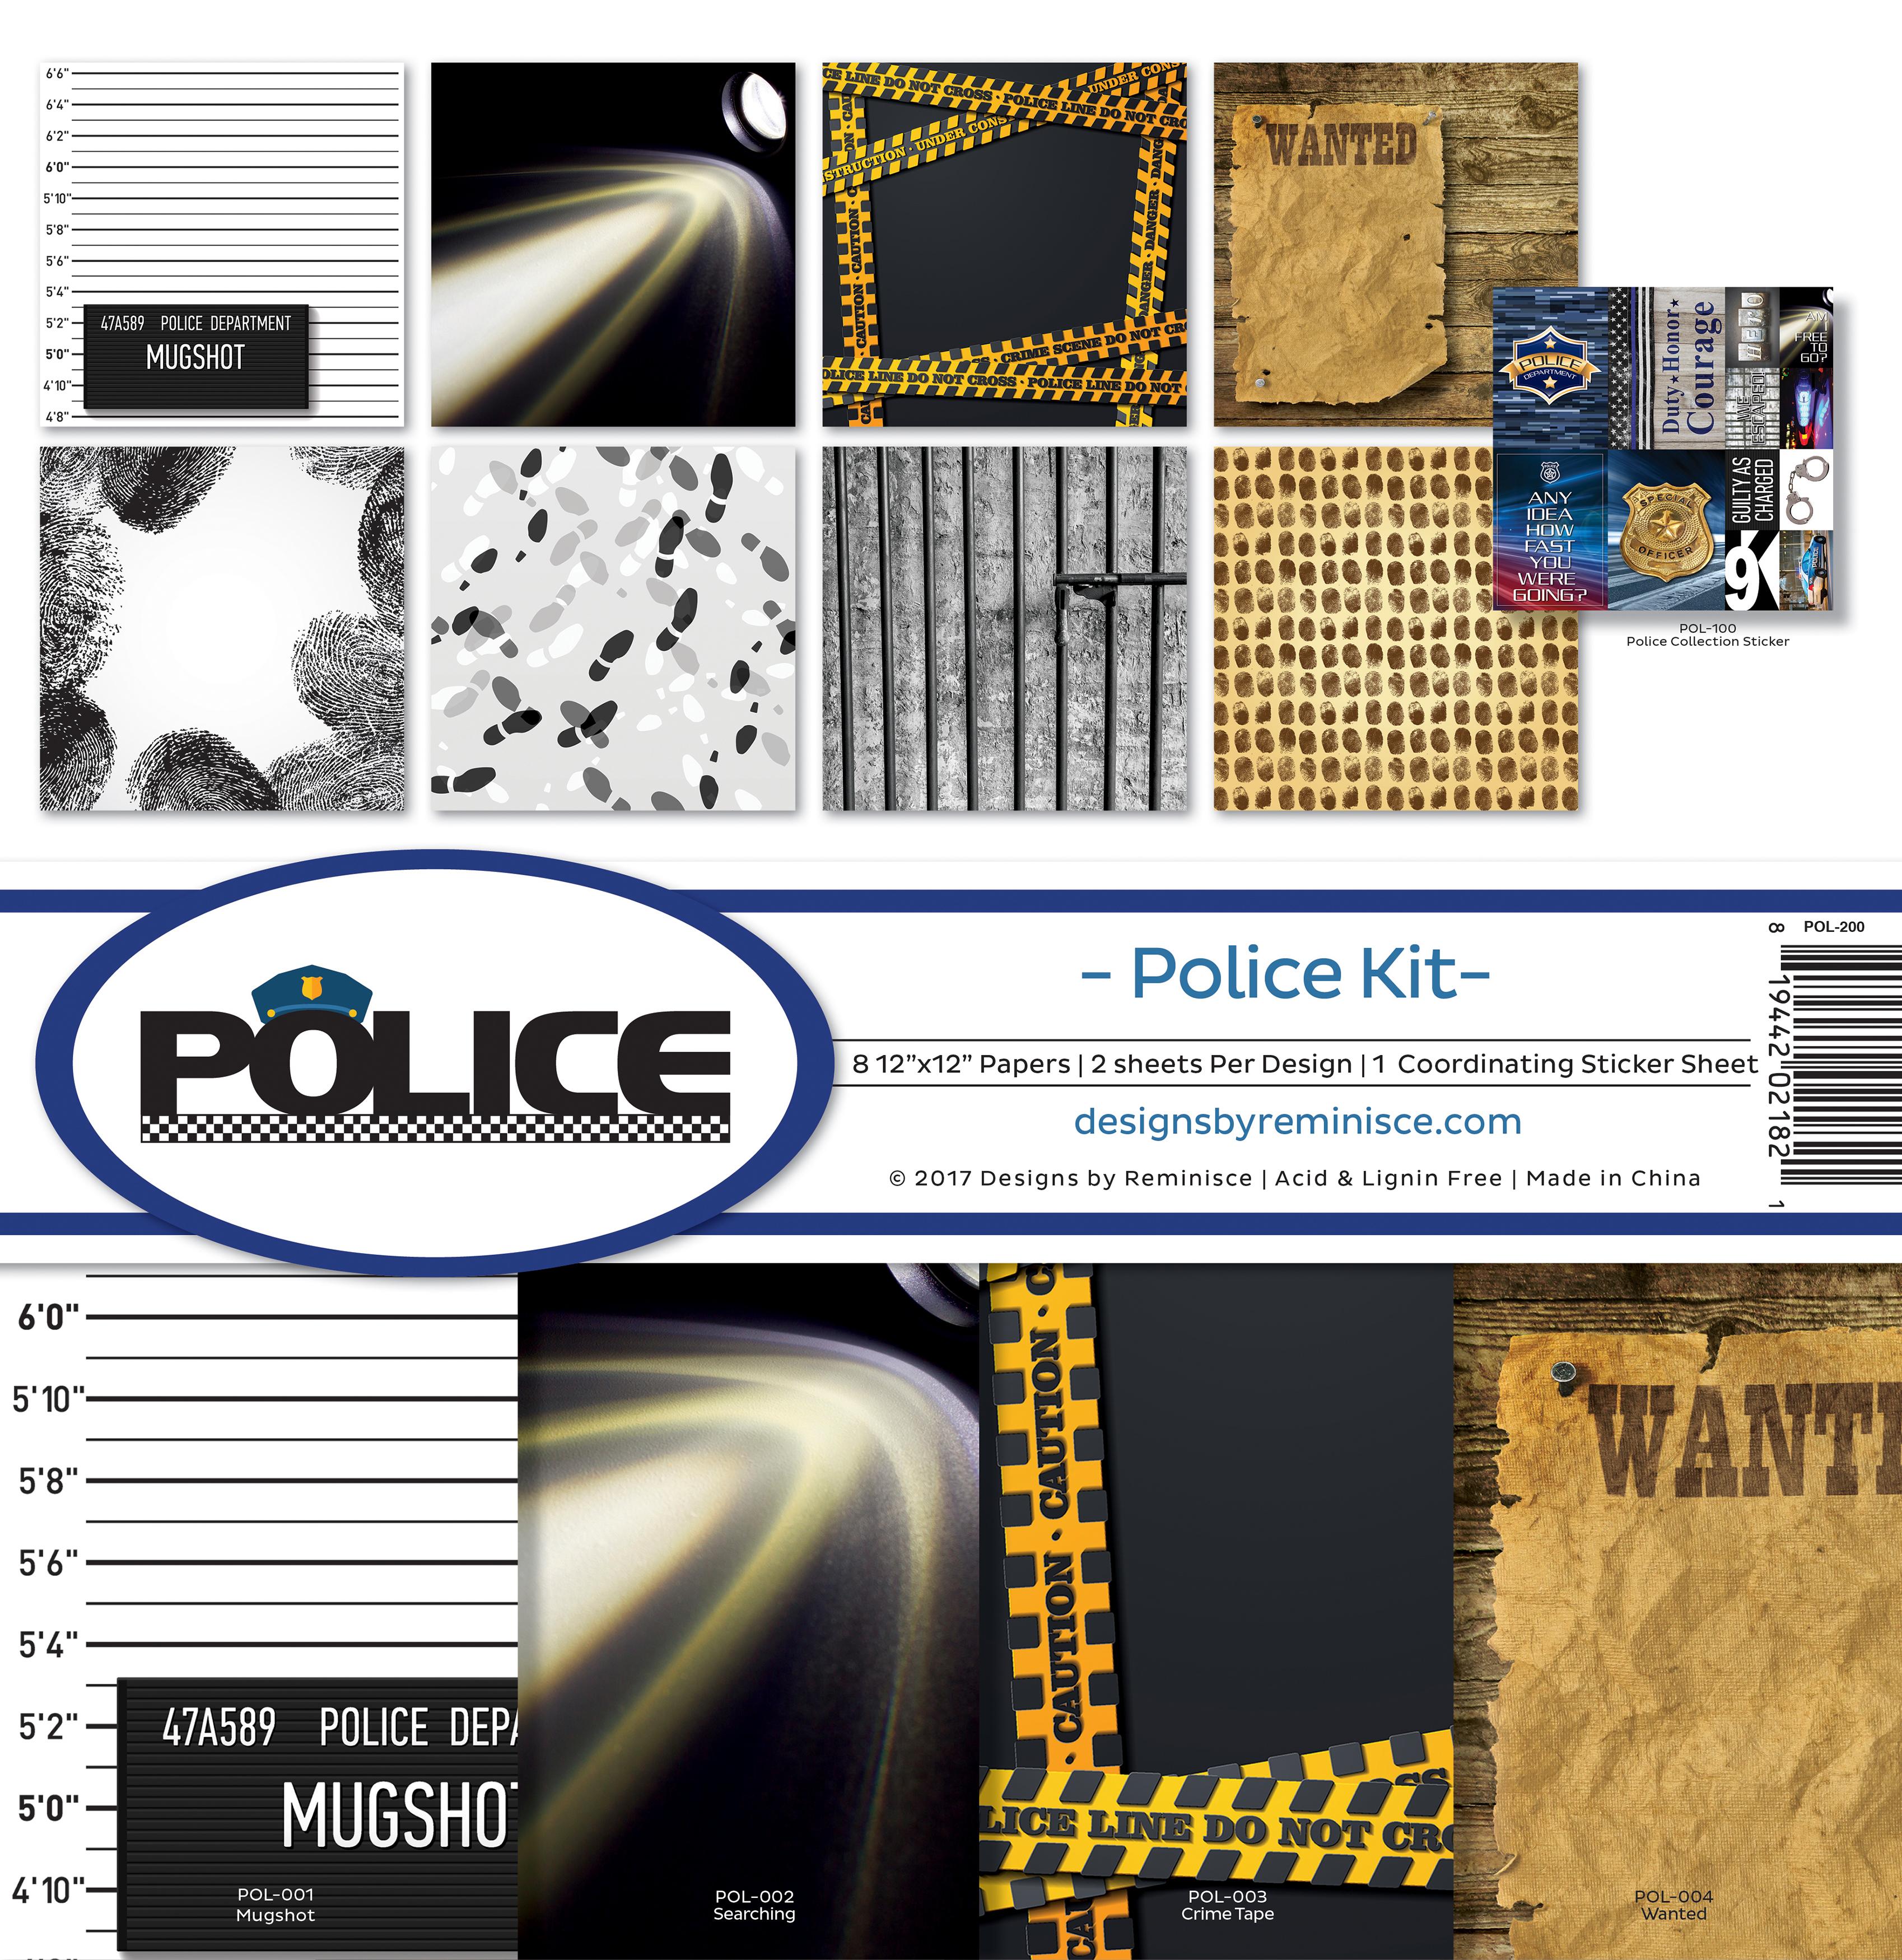 Reminisce Police Kit